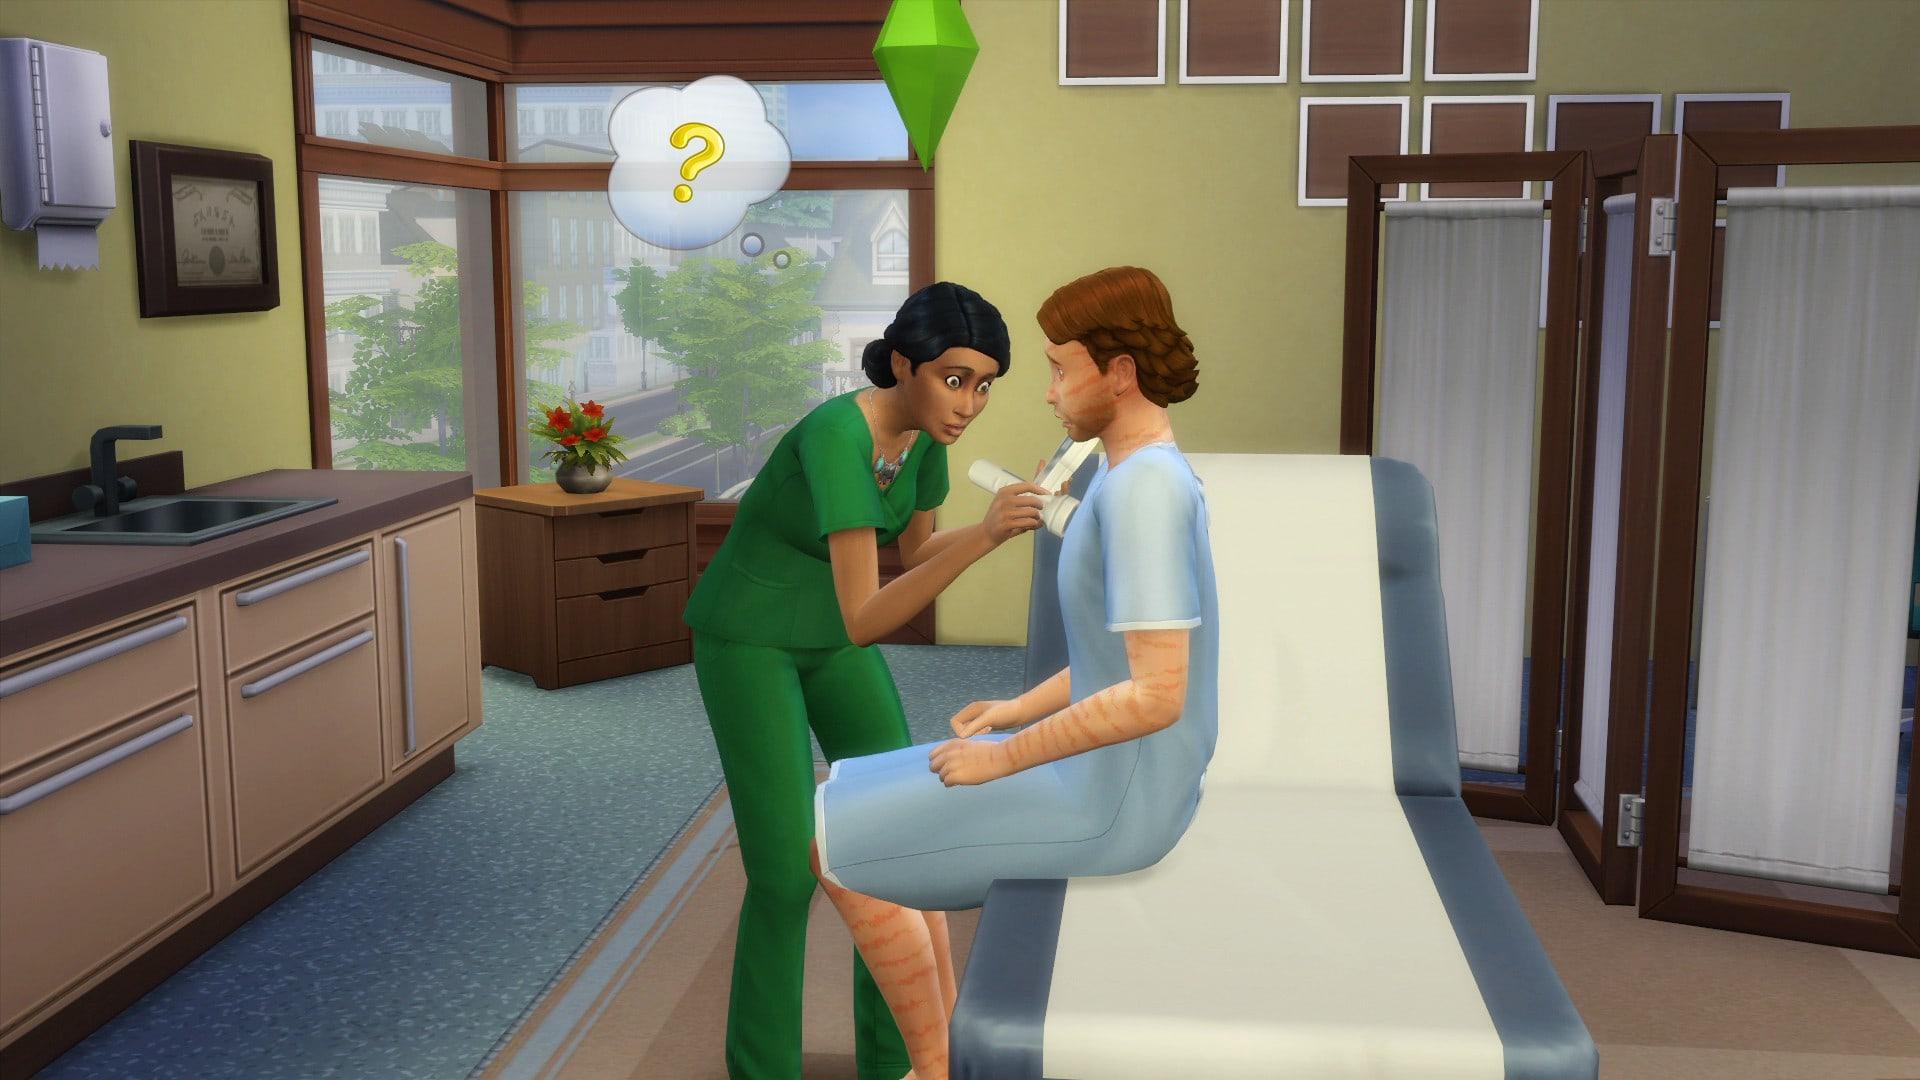 Die Sims 4: An die Arbeit! - Infos & Bilder zum Erweiterungspack